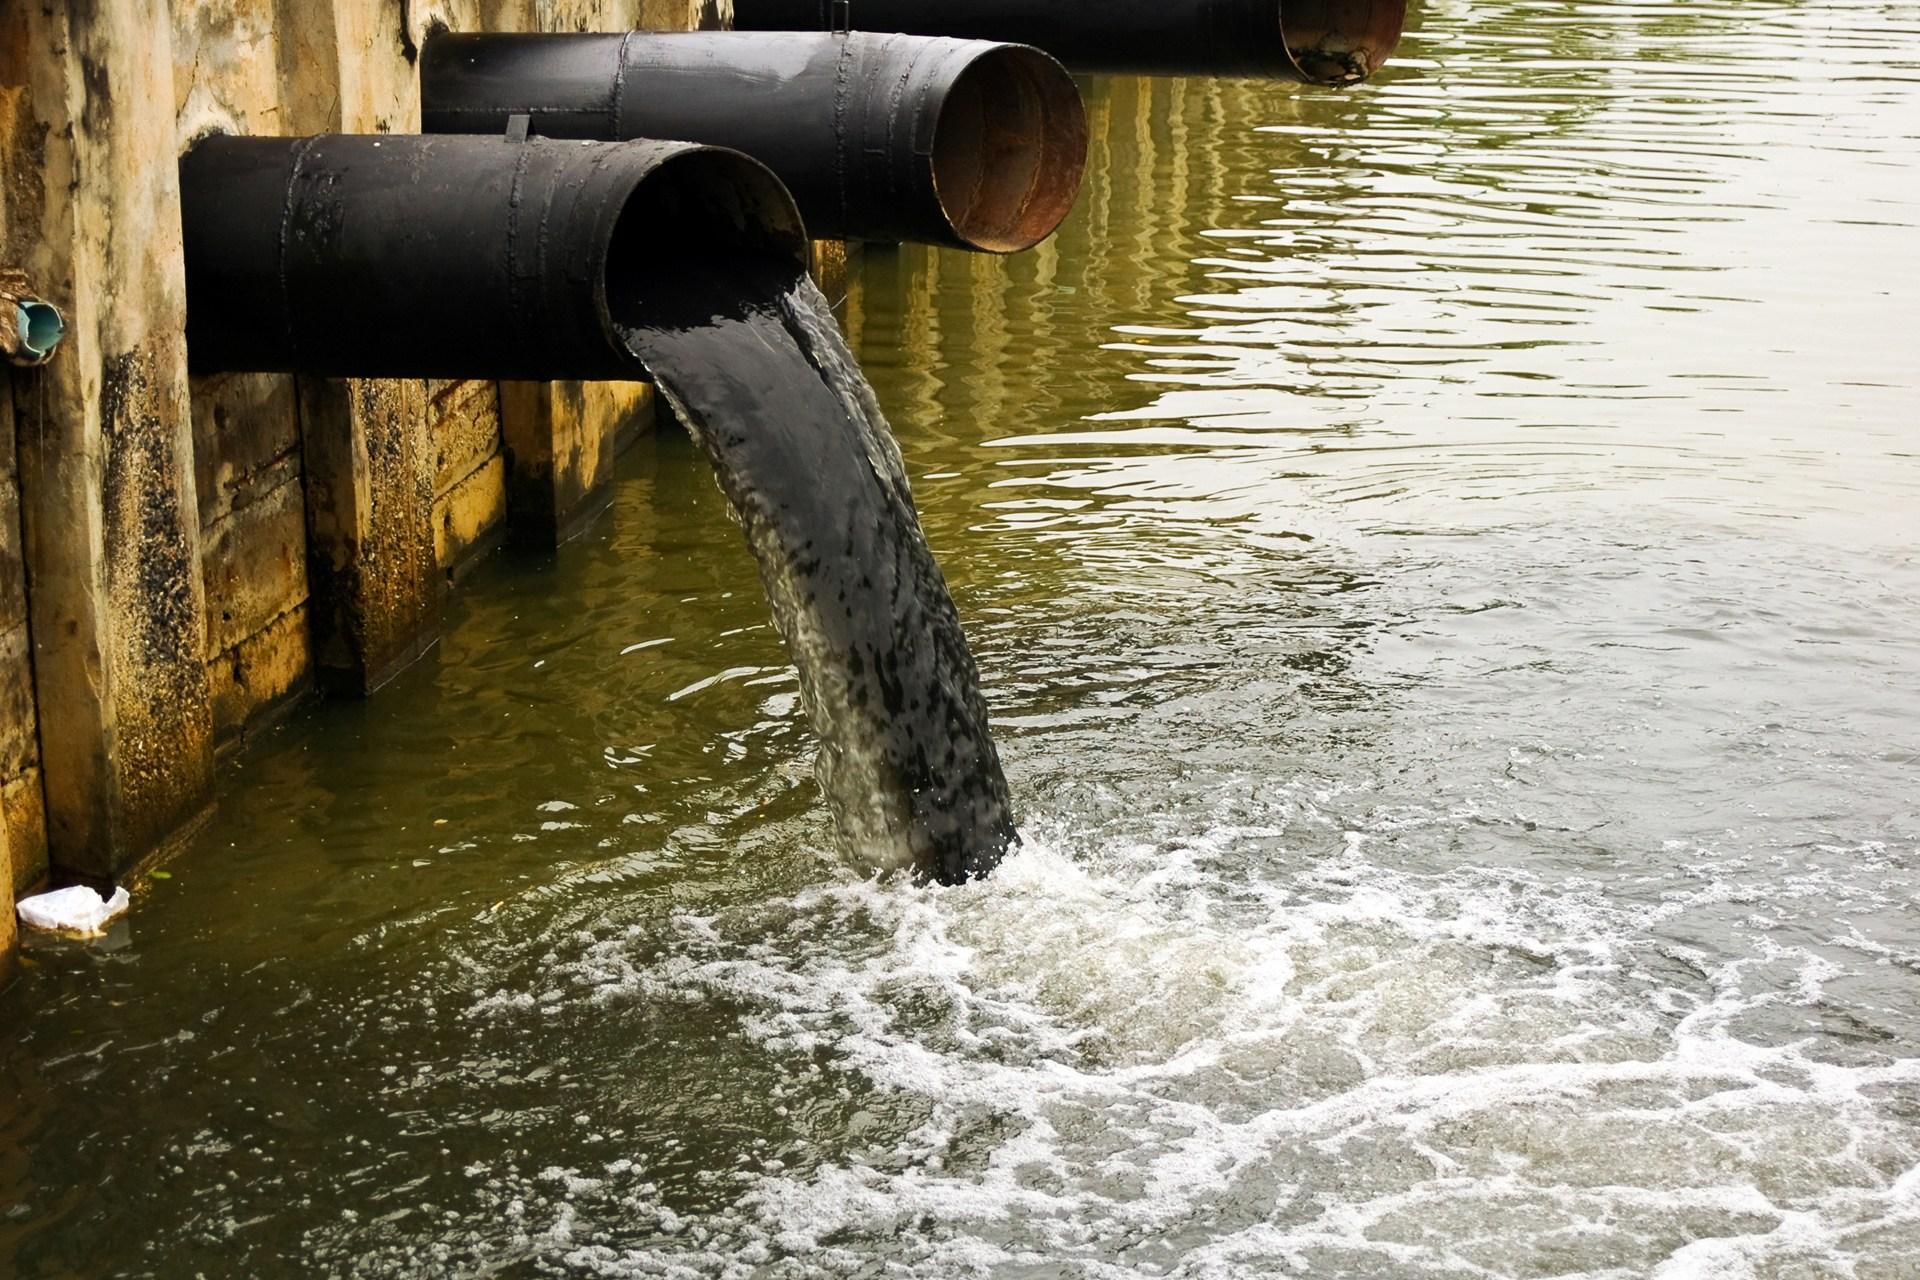 Руслан Хвостов: «Штрафы за загрязнение рек должны реально бить по финансам провинившихся компаний» 1